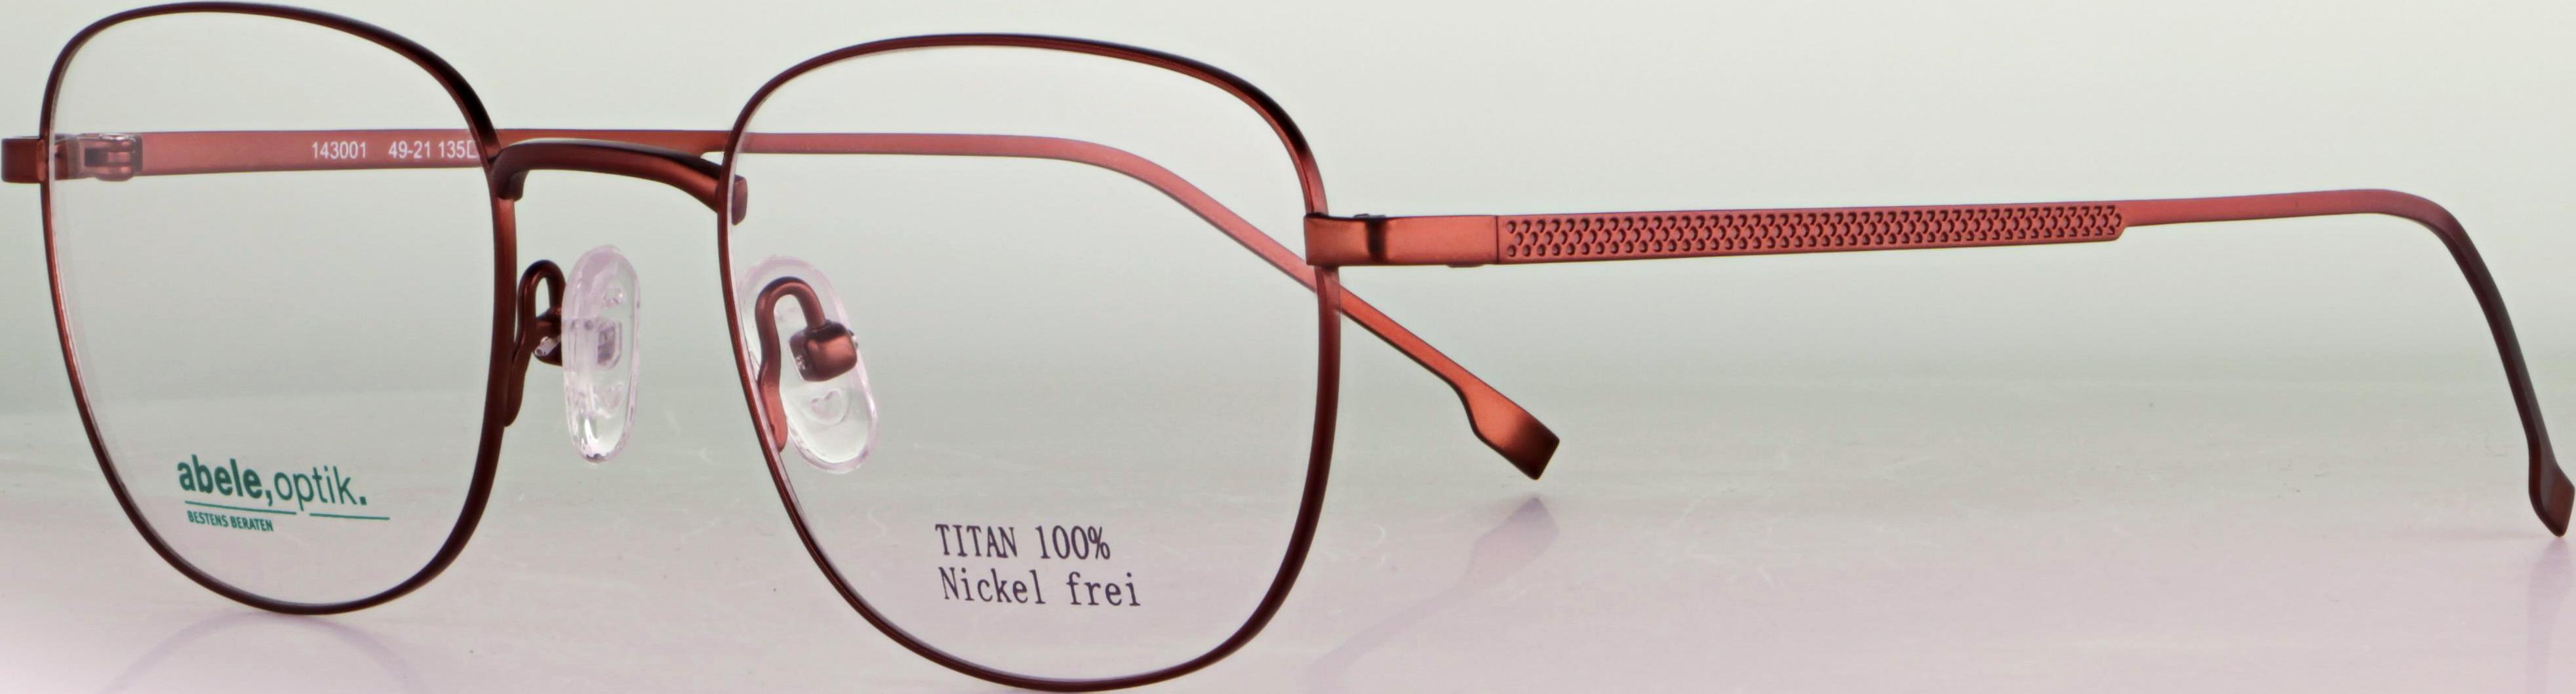 Titanbrille 143001